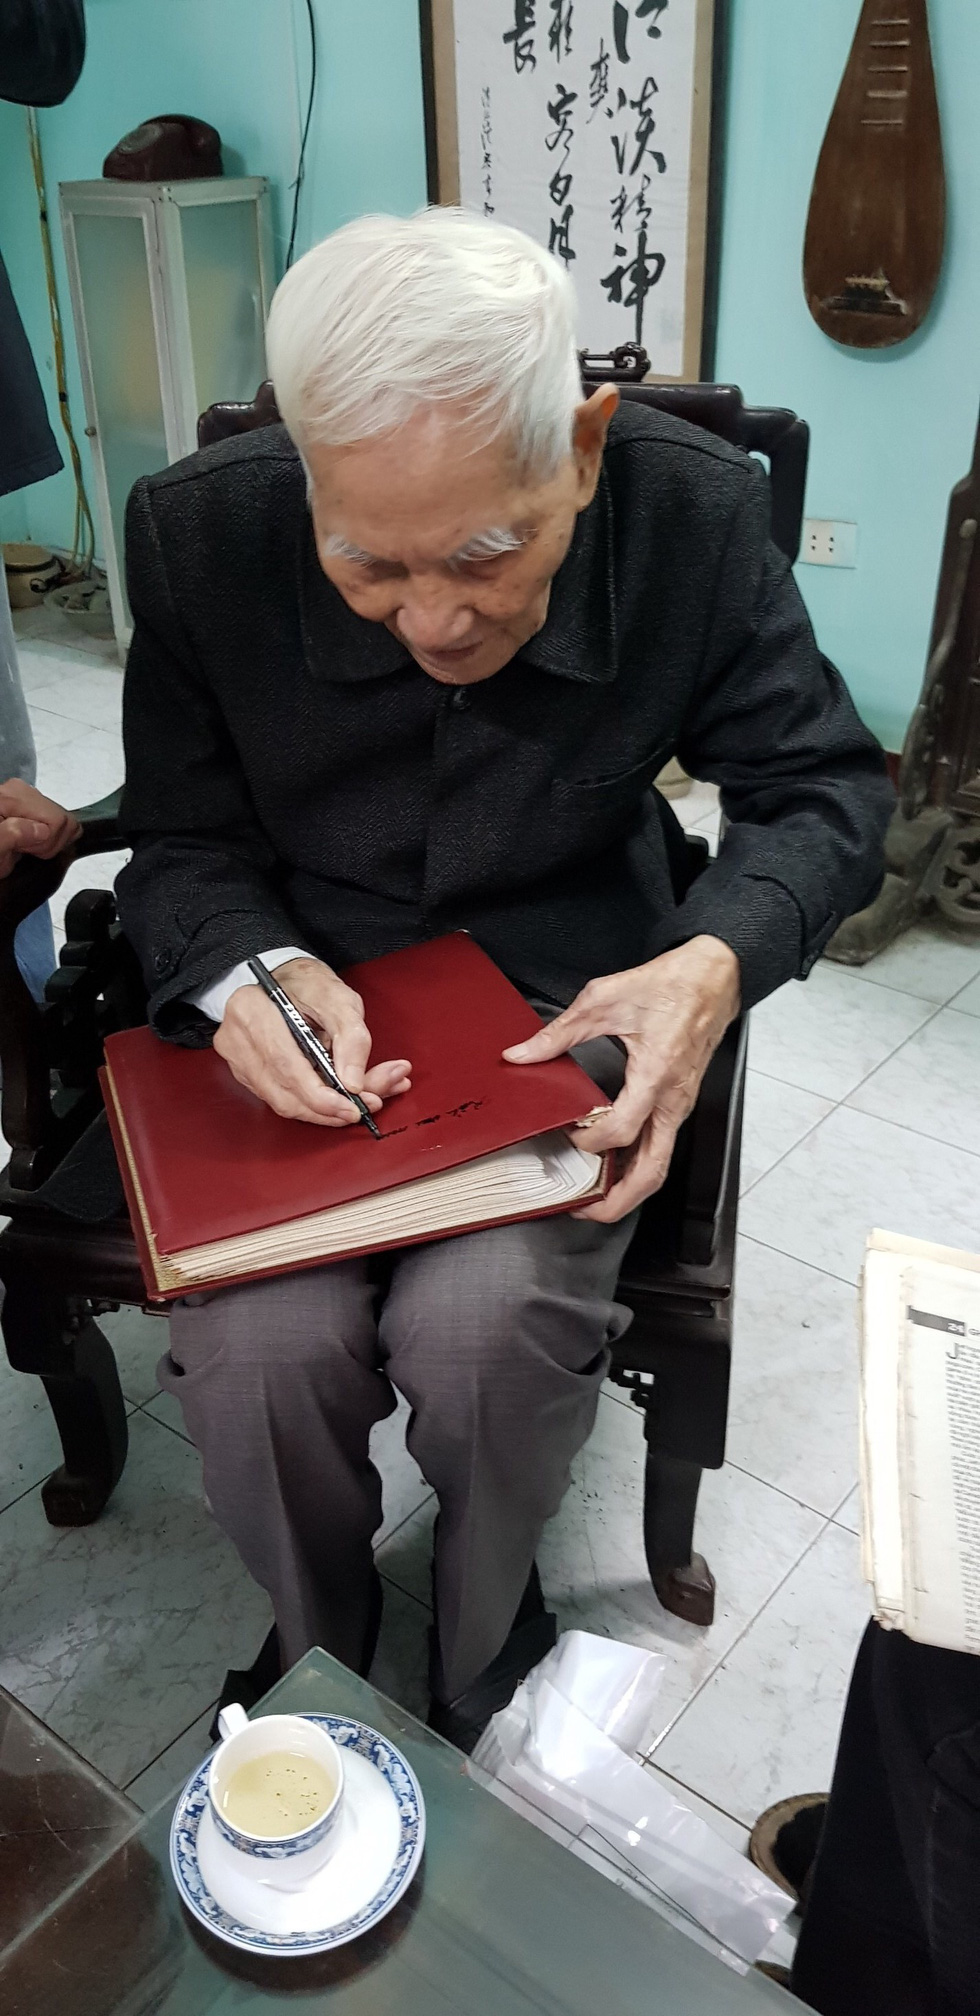 Kỳ tình giữa họa sĩ Bùi Xuân Phái và ông giáo Đạm - Ảnh 5.